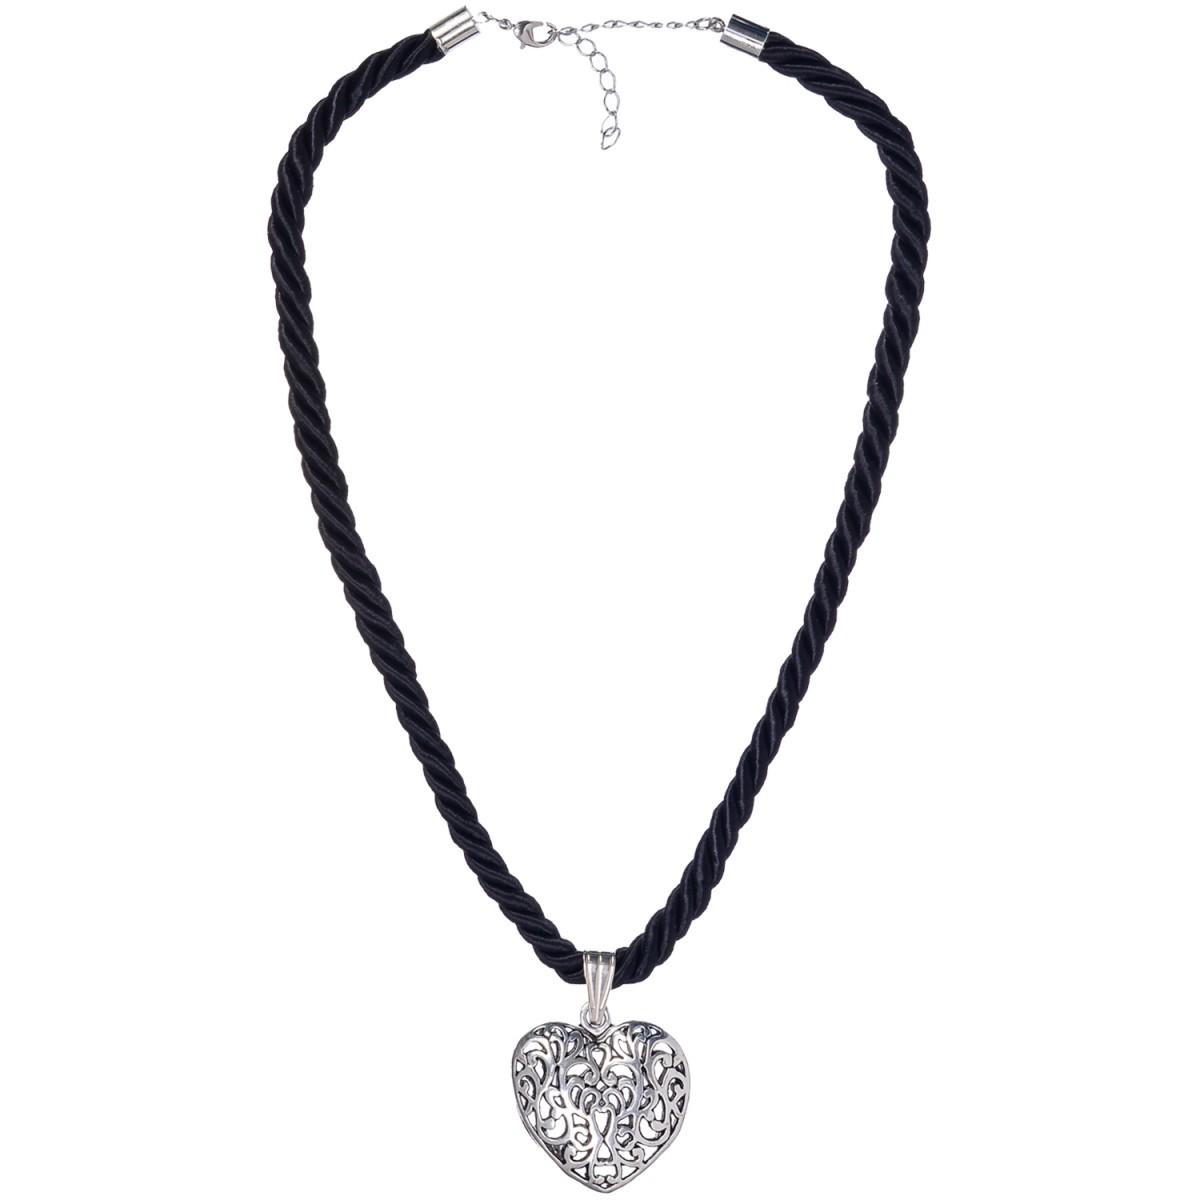 Kordelkette in Schwarz mit Herzanhänger von Schlick Accessoires günstig online kaufen